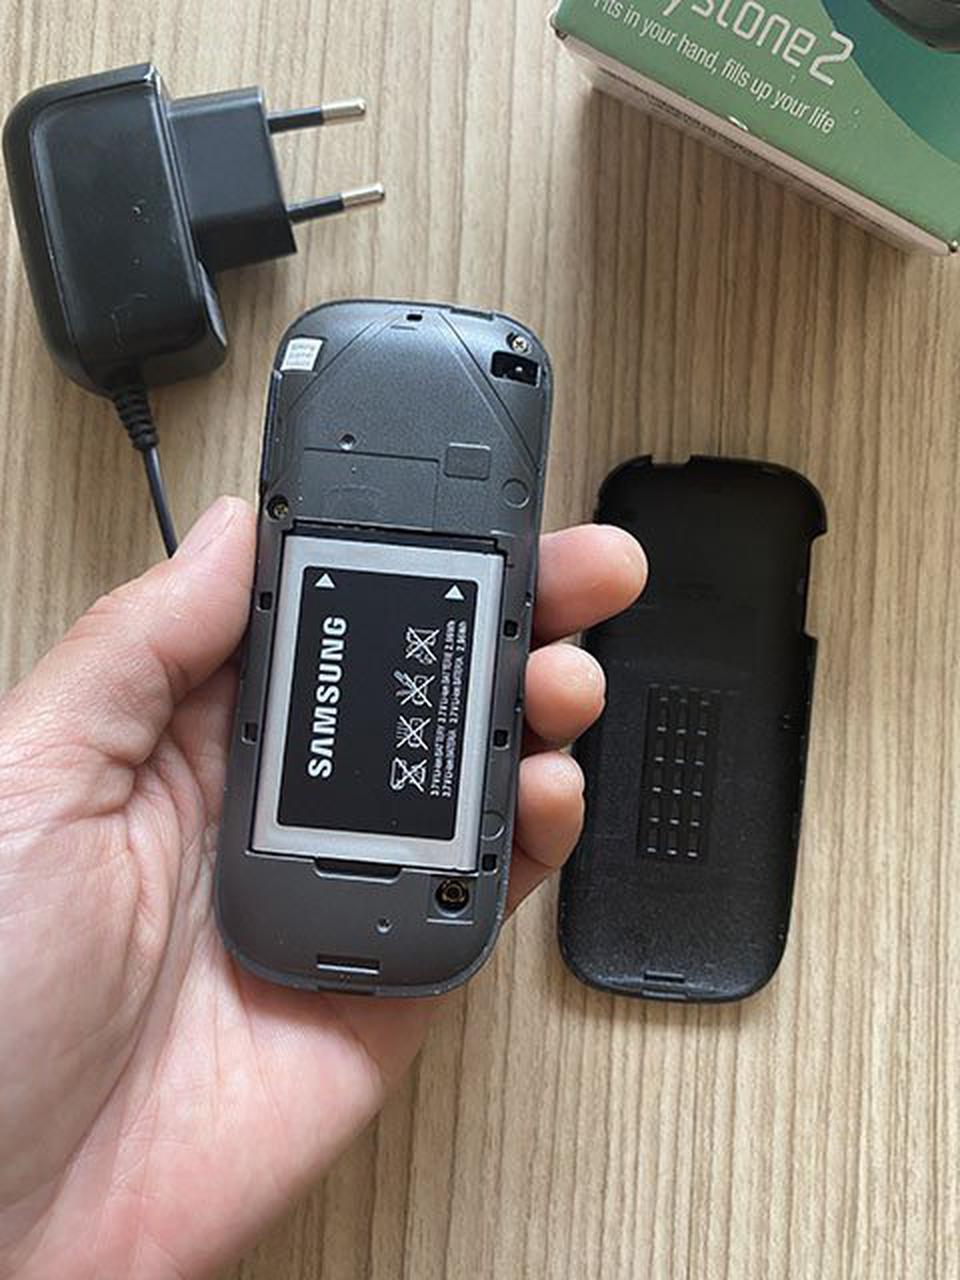 โทรศัพท์มือถือ Samsung keystone2 ซัมซุงฮีโร่เเบตอึดอยู่ได้5วัน มือสองสภาพดี ทนทาน เสียงชัด สัญญาณดี รูปที่ 4